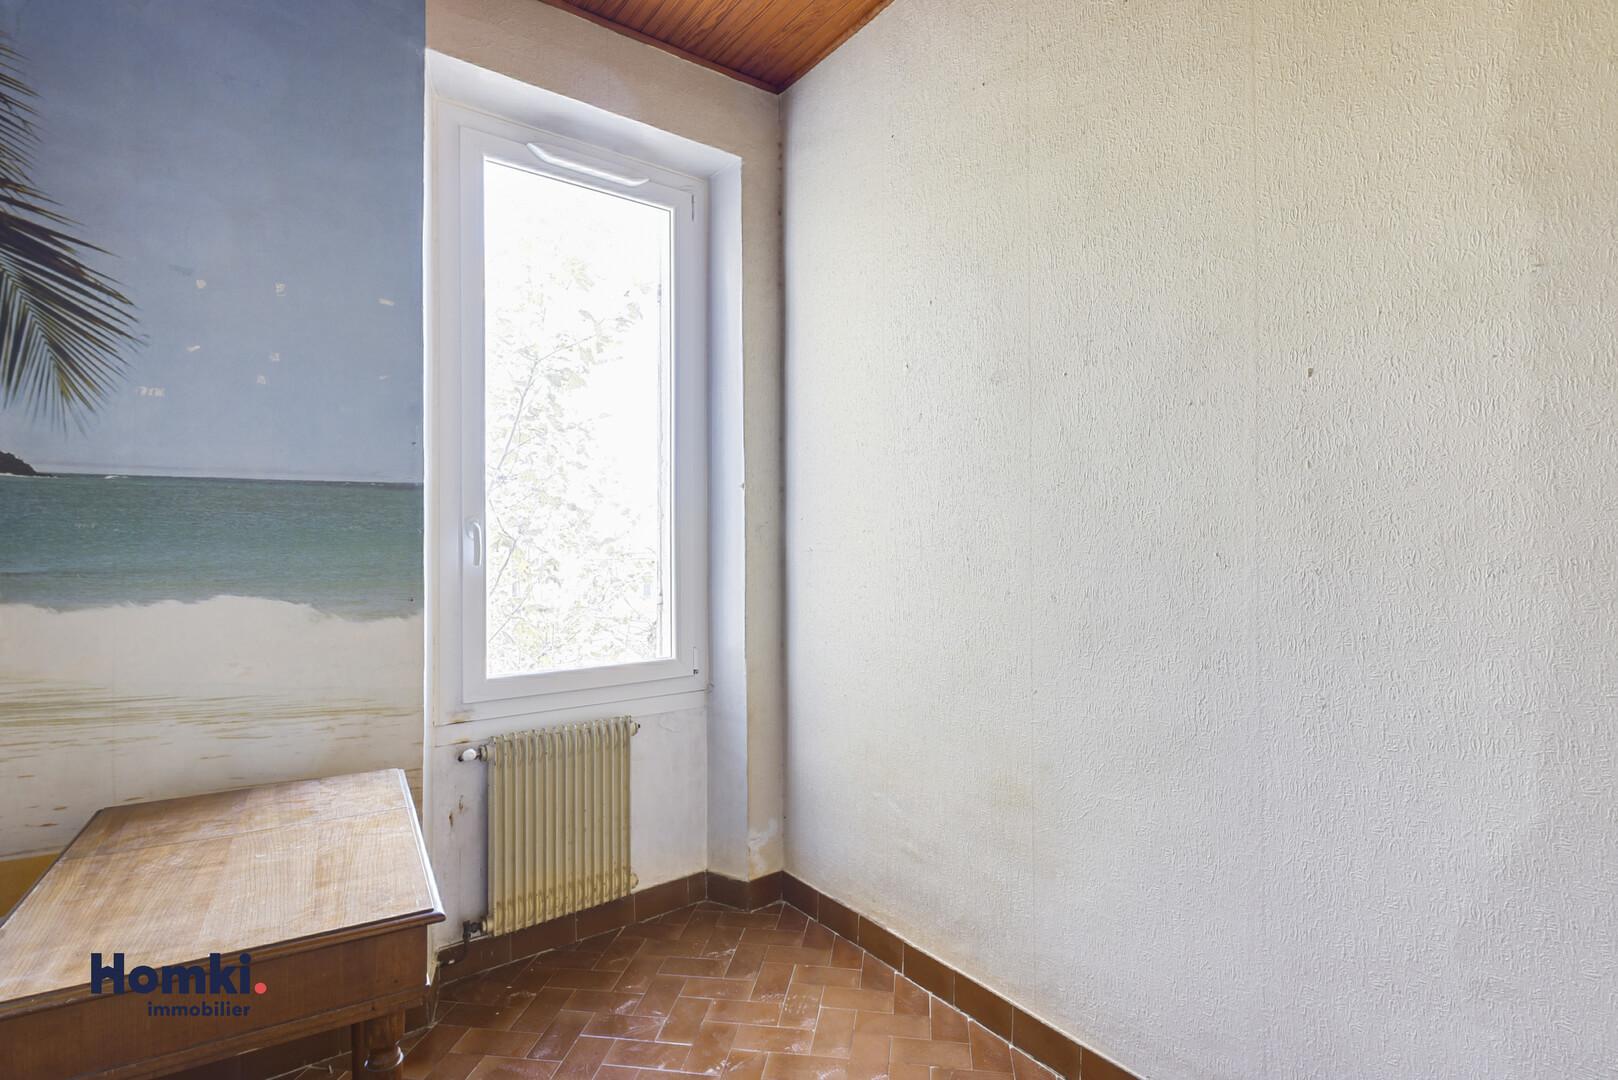 Vente Maison 100 m² T5 13012 Marseille_10